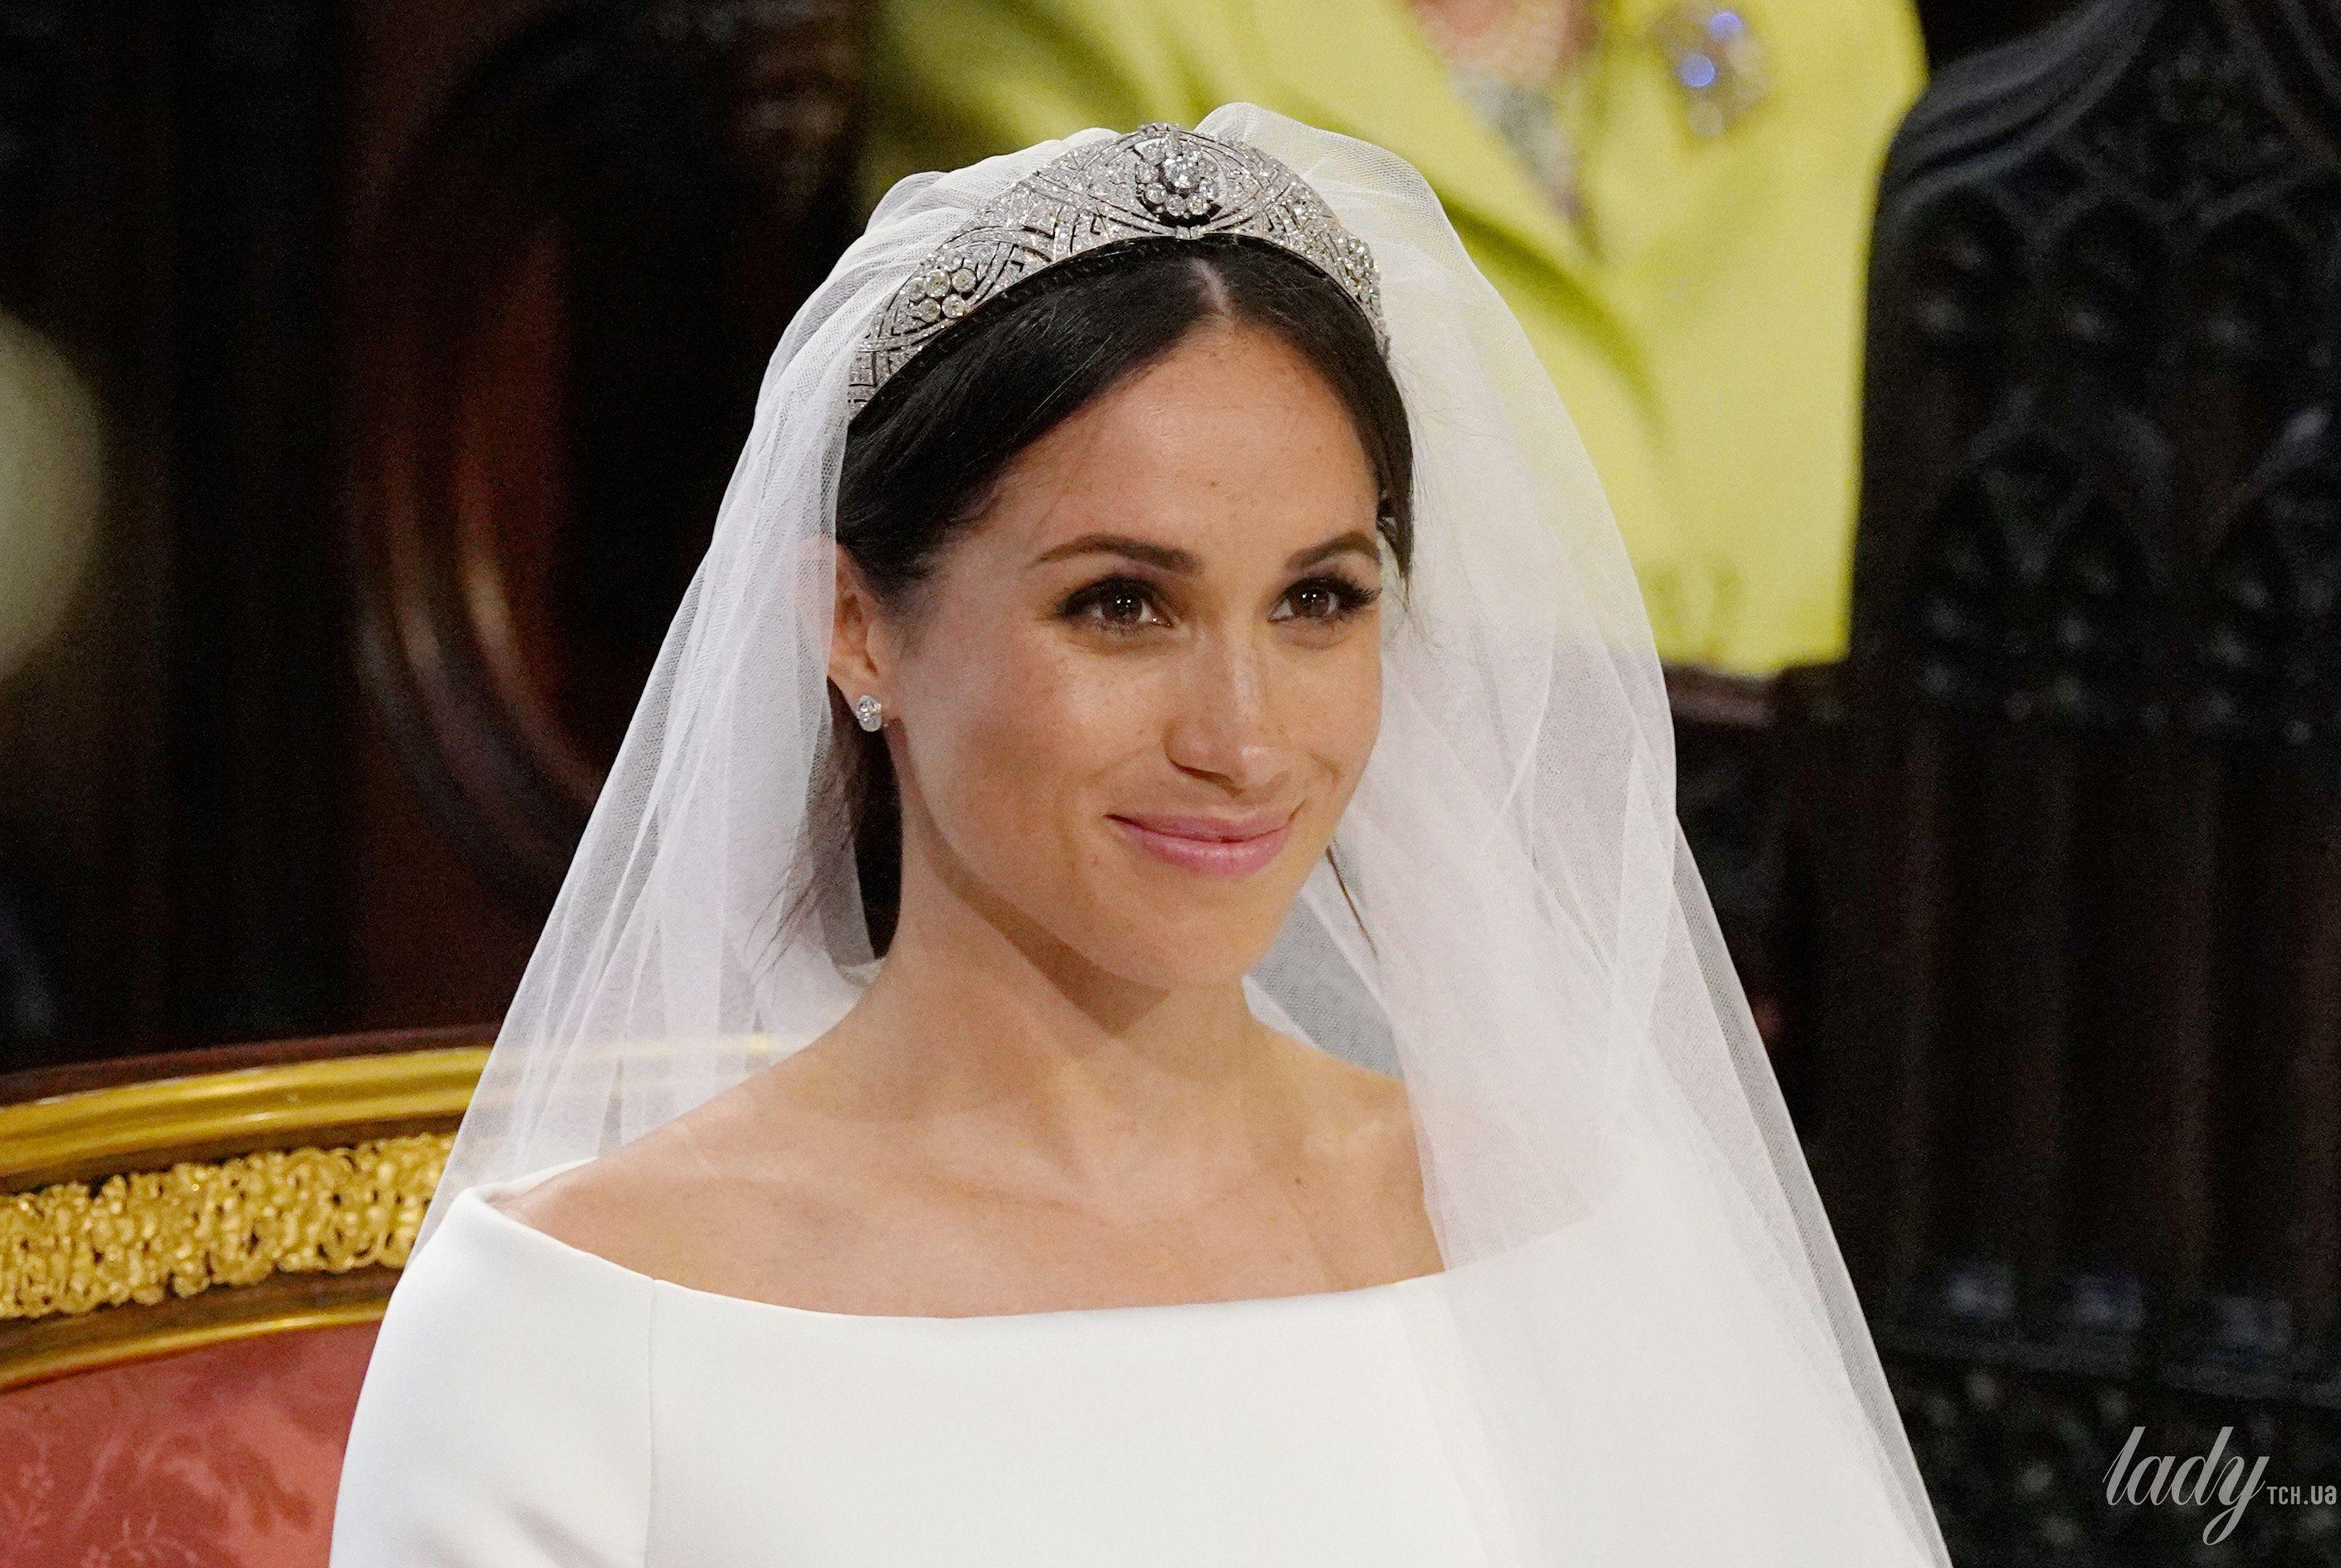 bd4b8cb783e Сравниваем образы  эскиз свадебного платья Меган Маркл vs наряд ...